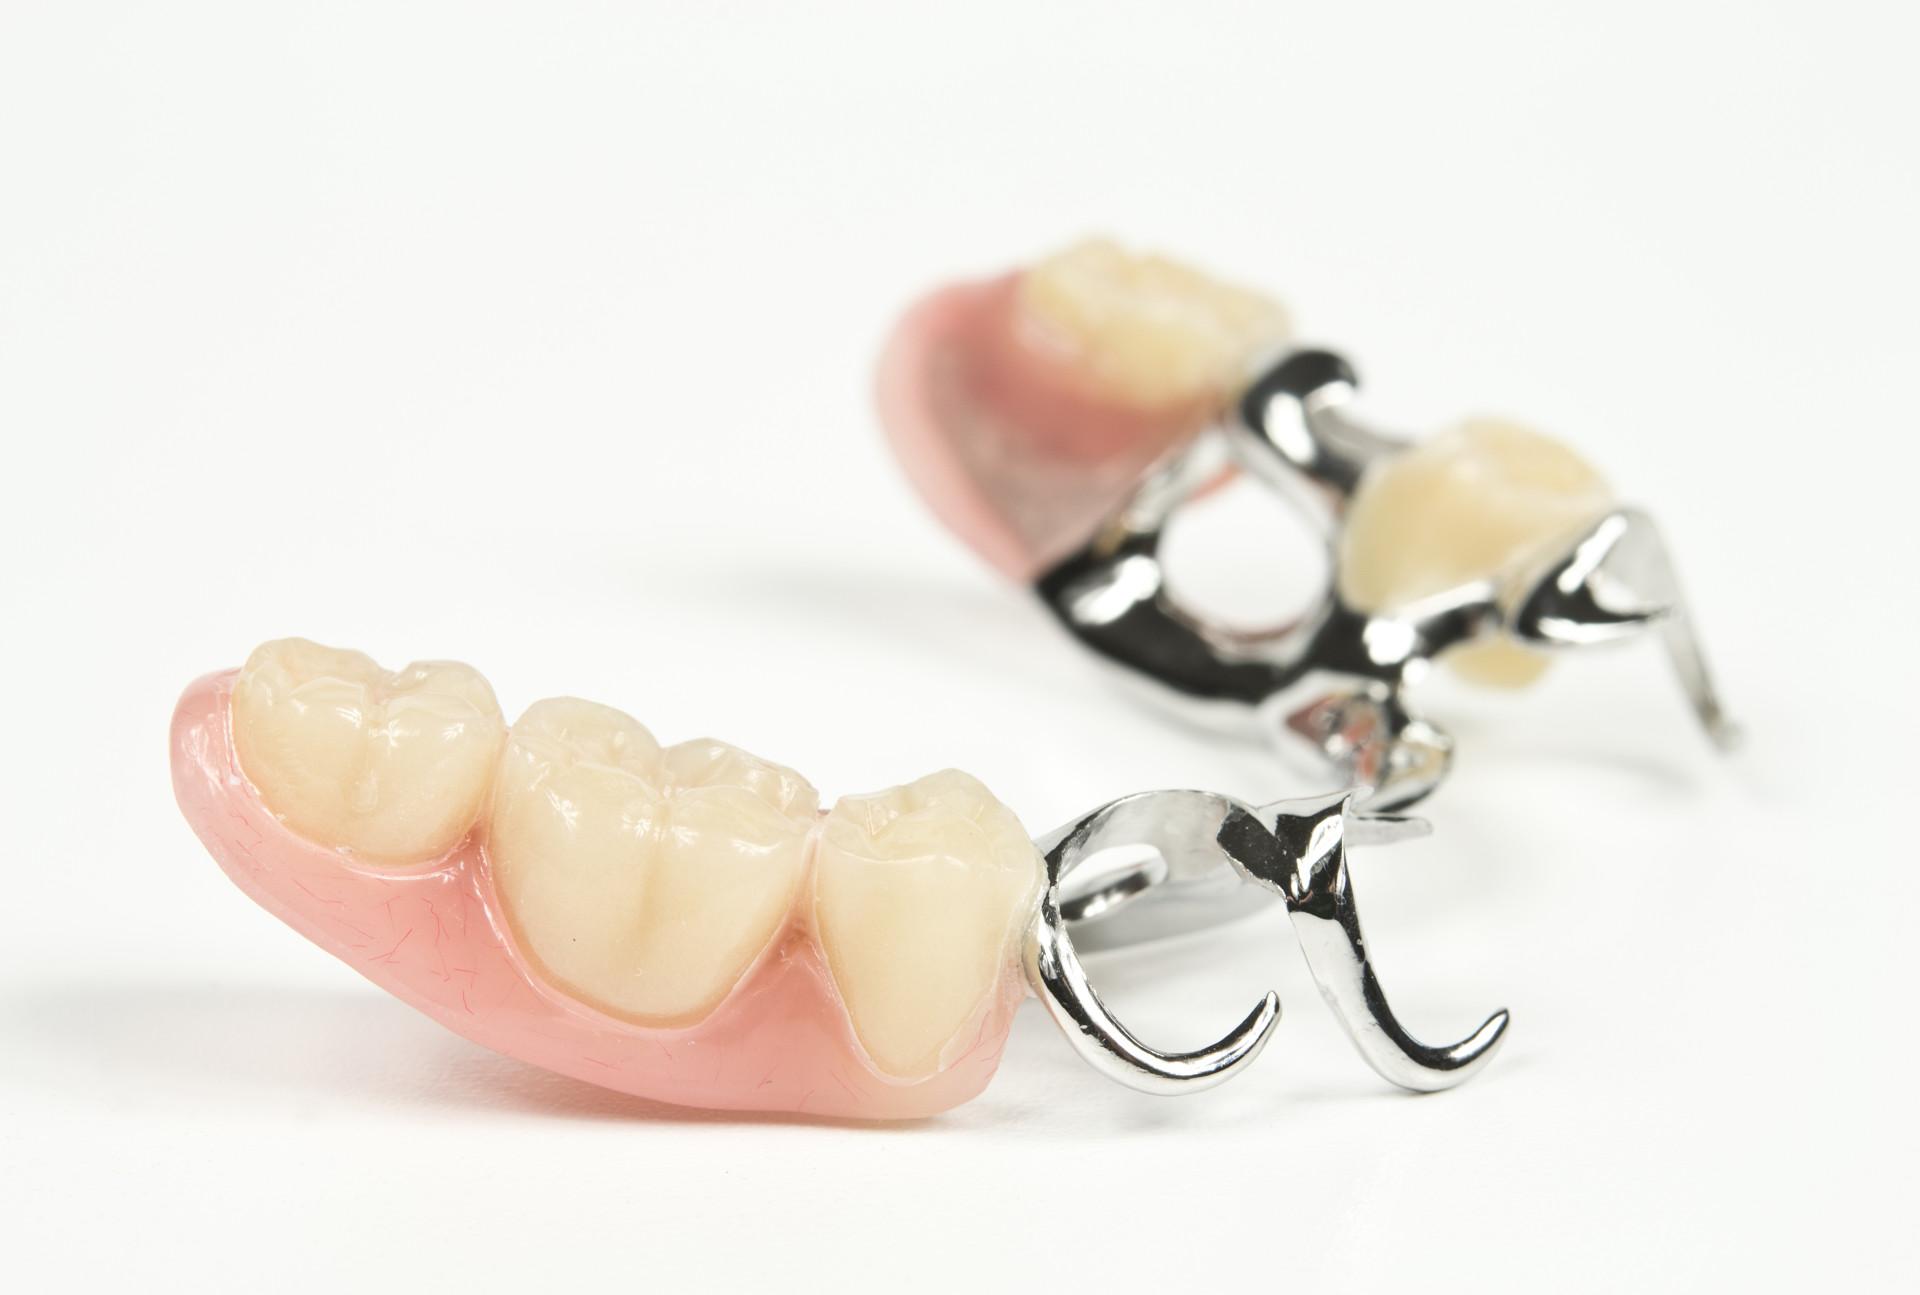 Зубные протезы на крючках: плюсы и минусы кламмеров 23